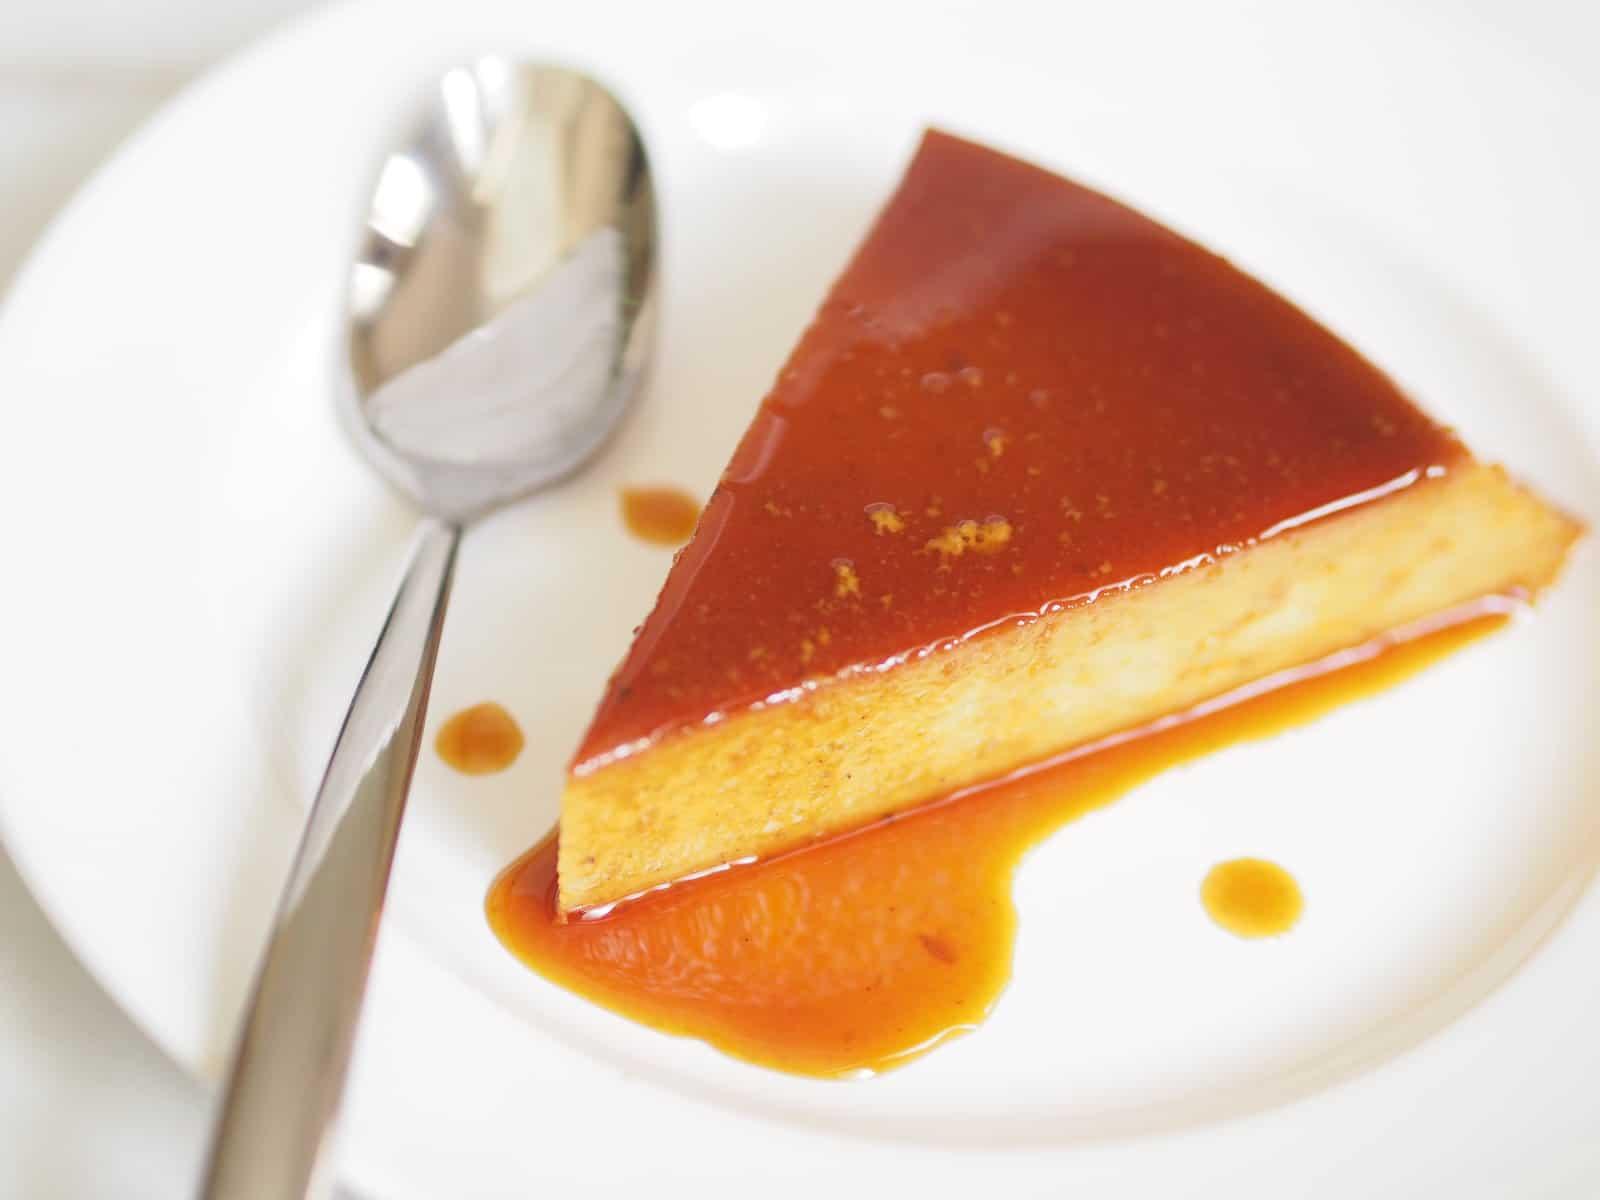 slice of flan de calabaza with a spoon